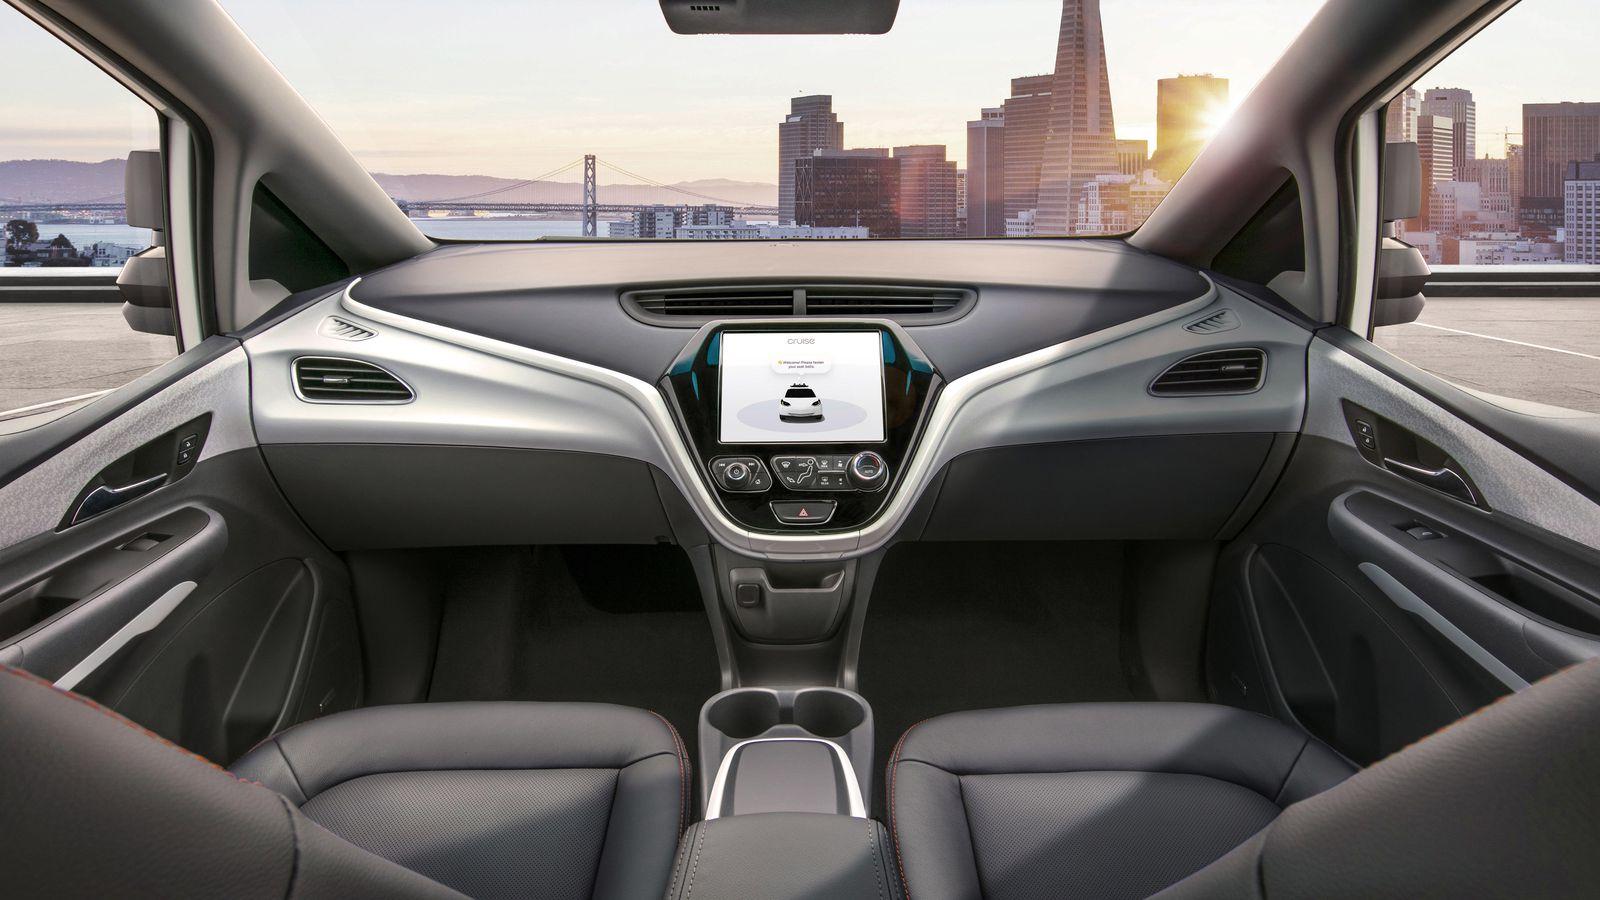 GM vehículo autónomo